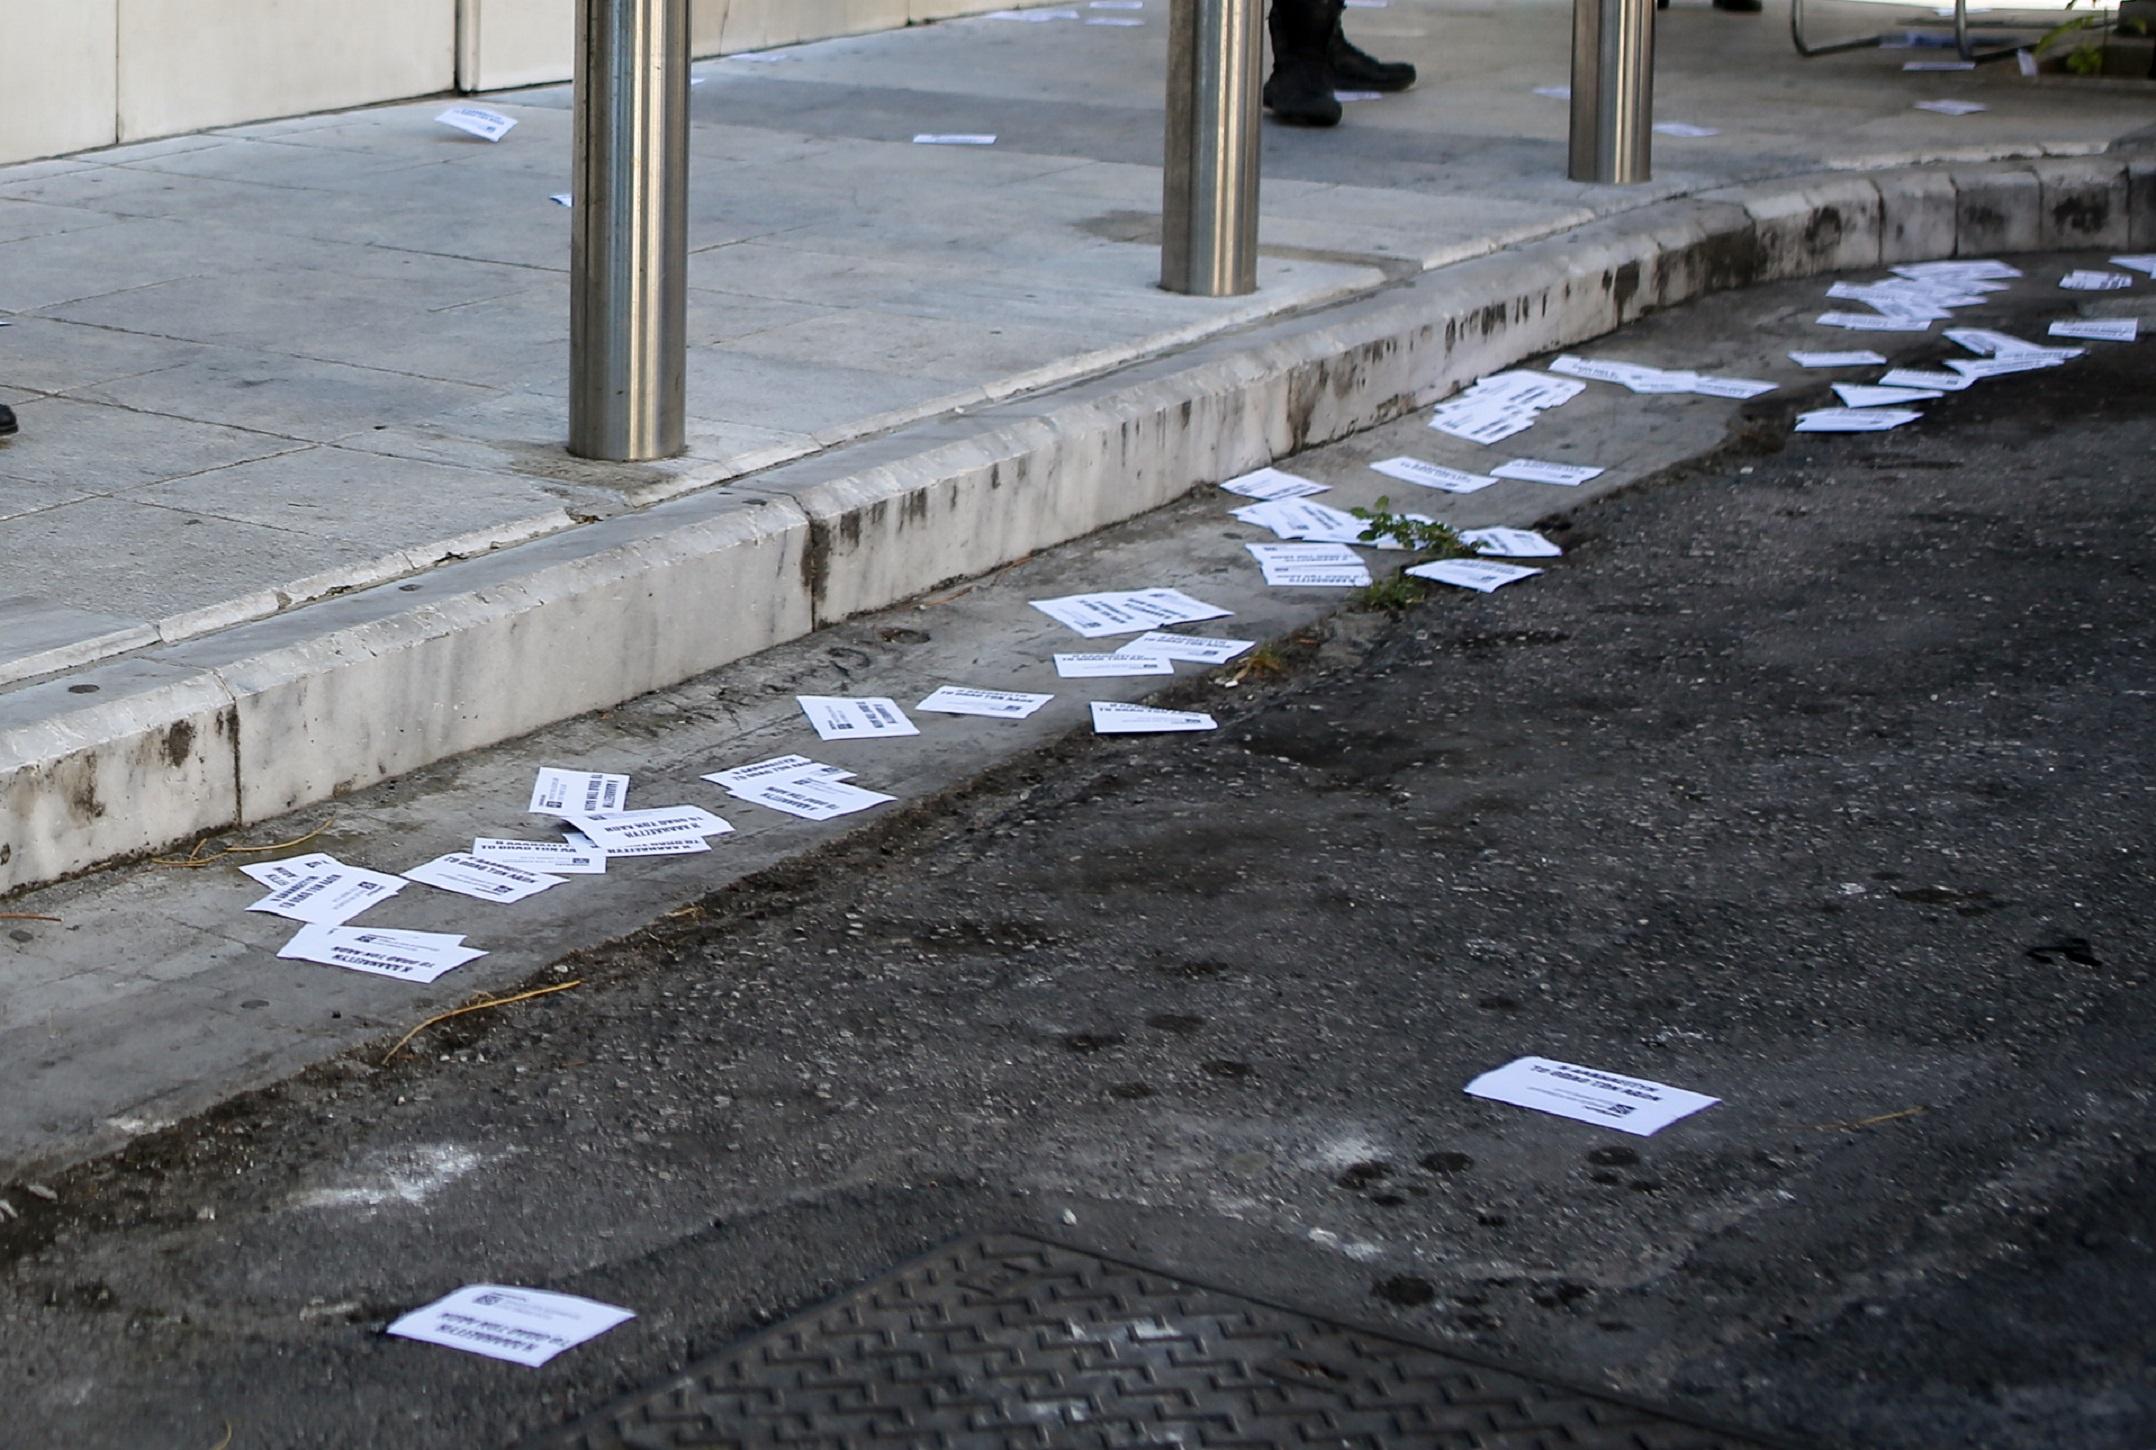 Ρουβίκωνας: Επιδρομή στο γραφείο του πρύτανη του Πανεπιστημίου Πειραιά